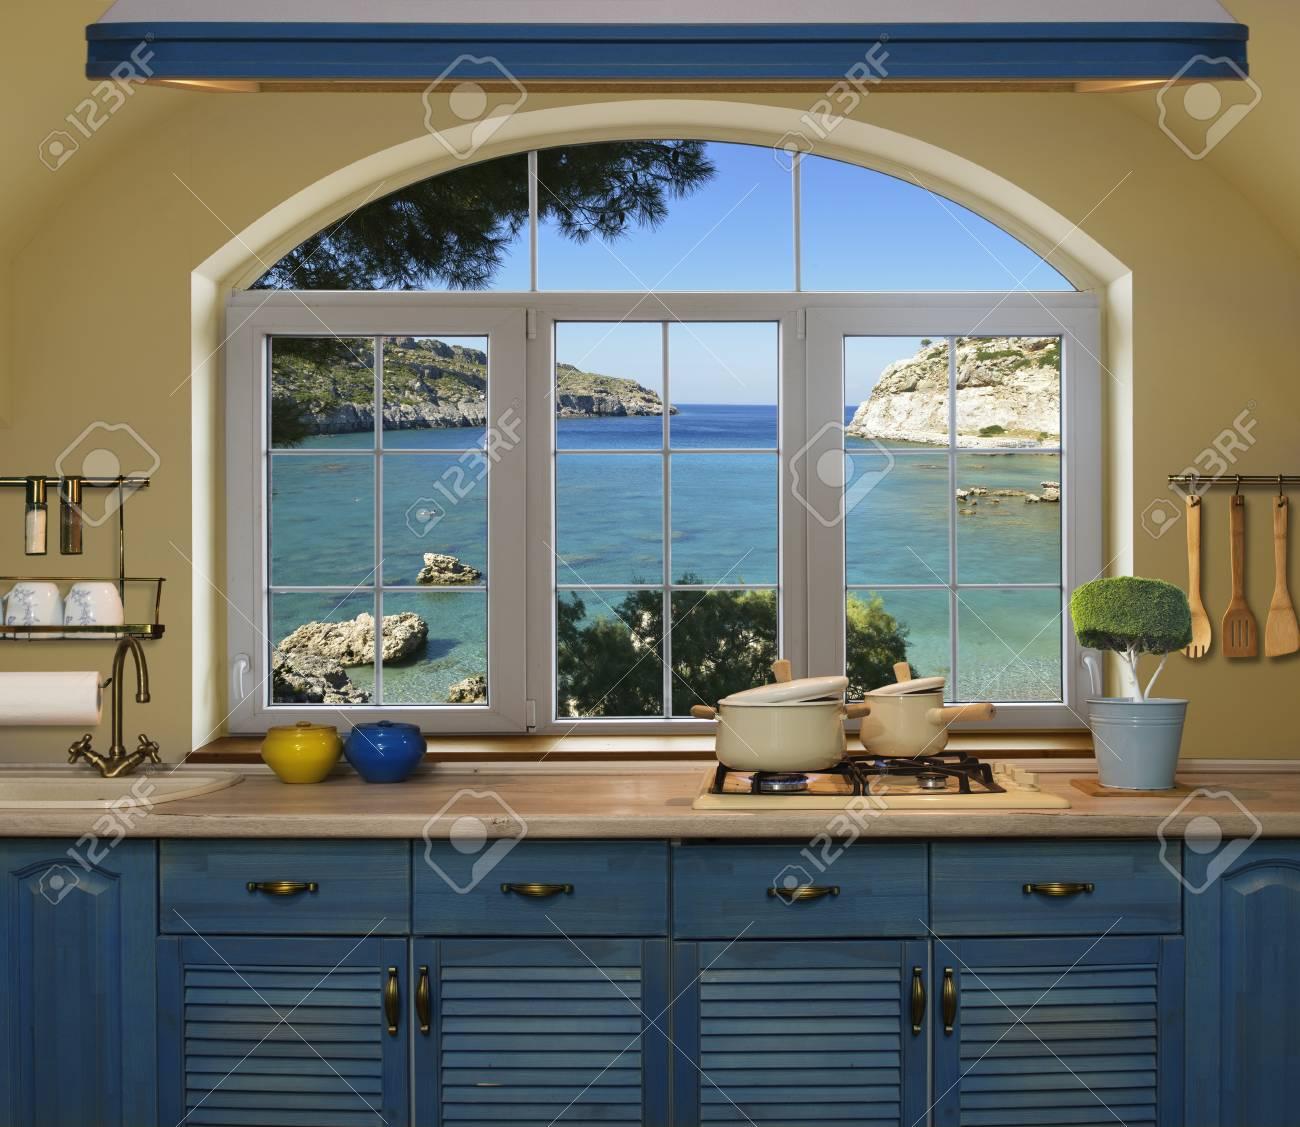 Full Size of Küche Blau Innen Kche Vorbereiten Mittagessens Zu Hause Auf Mintgrün Landhausküche Schnittschutzhandschuhe Unterschrank Einbauküche Gebraucht Holz Wohnzimmer Küche Blau